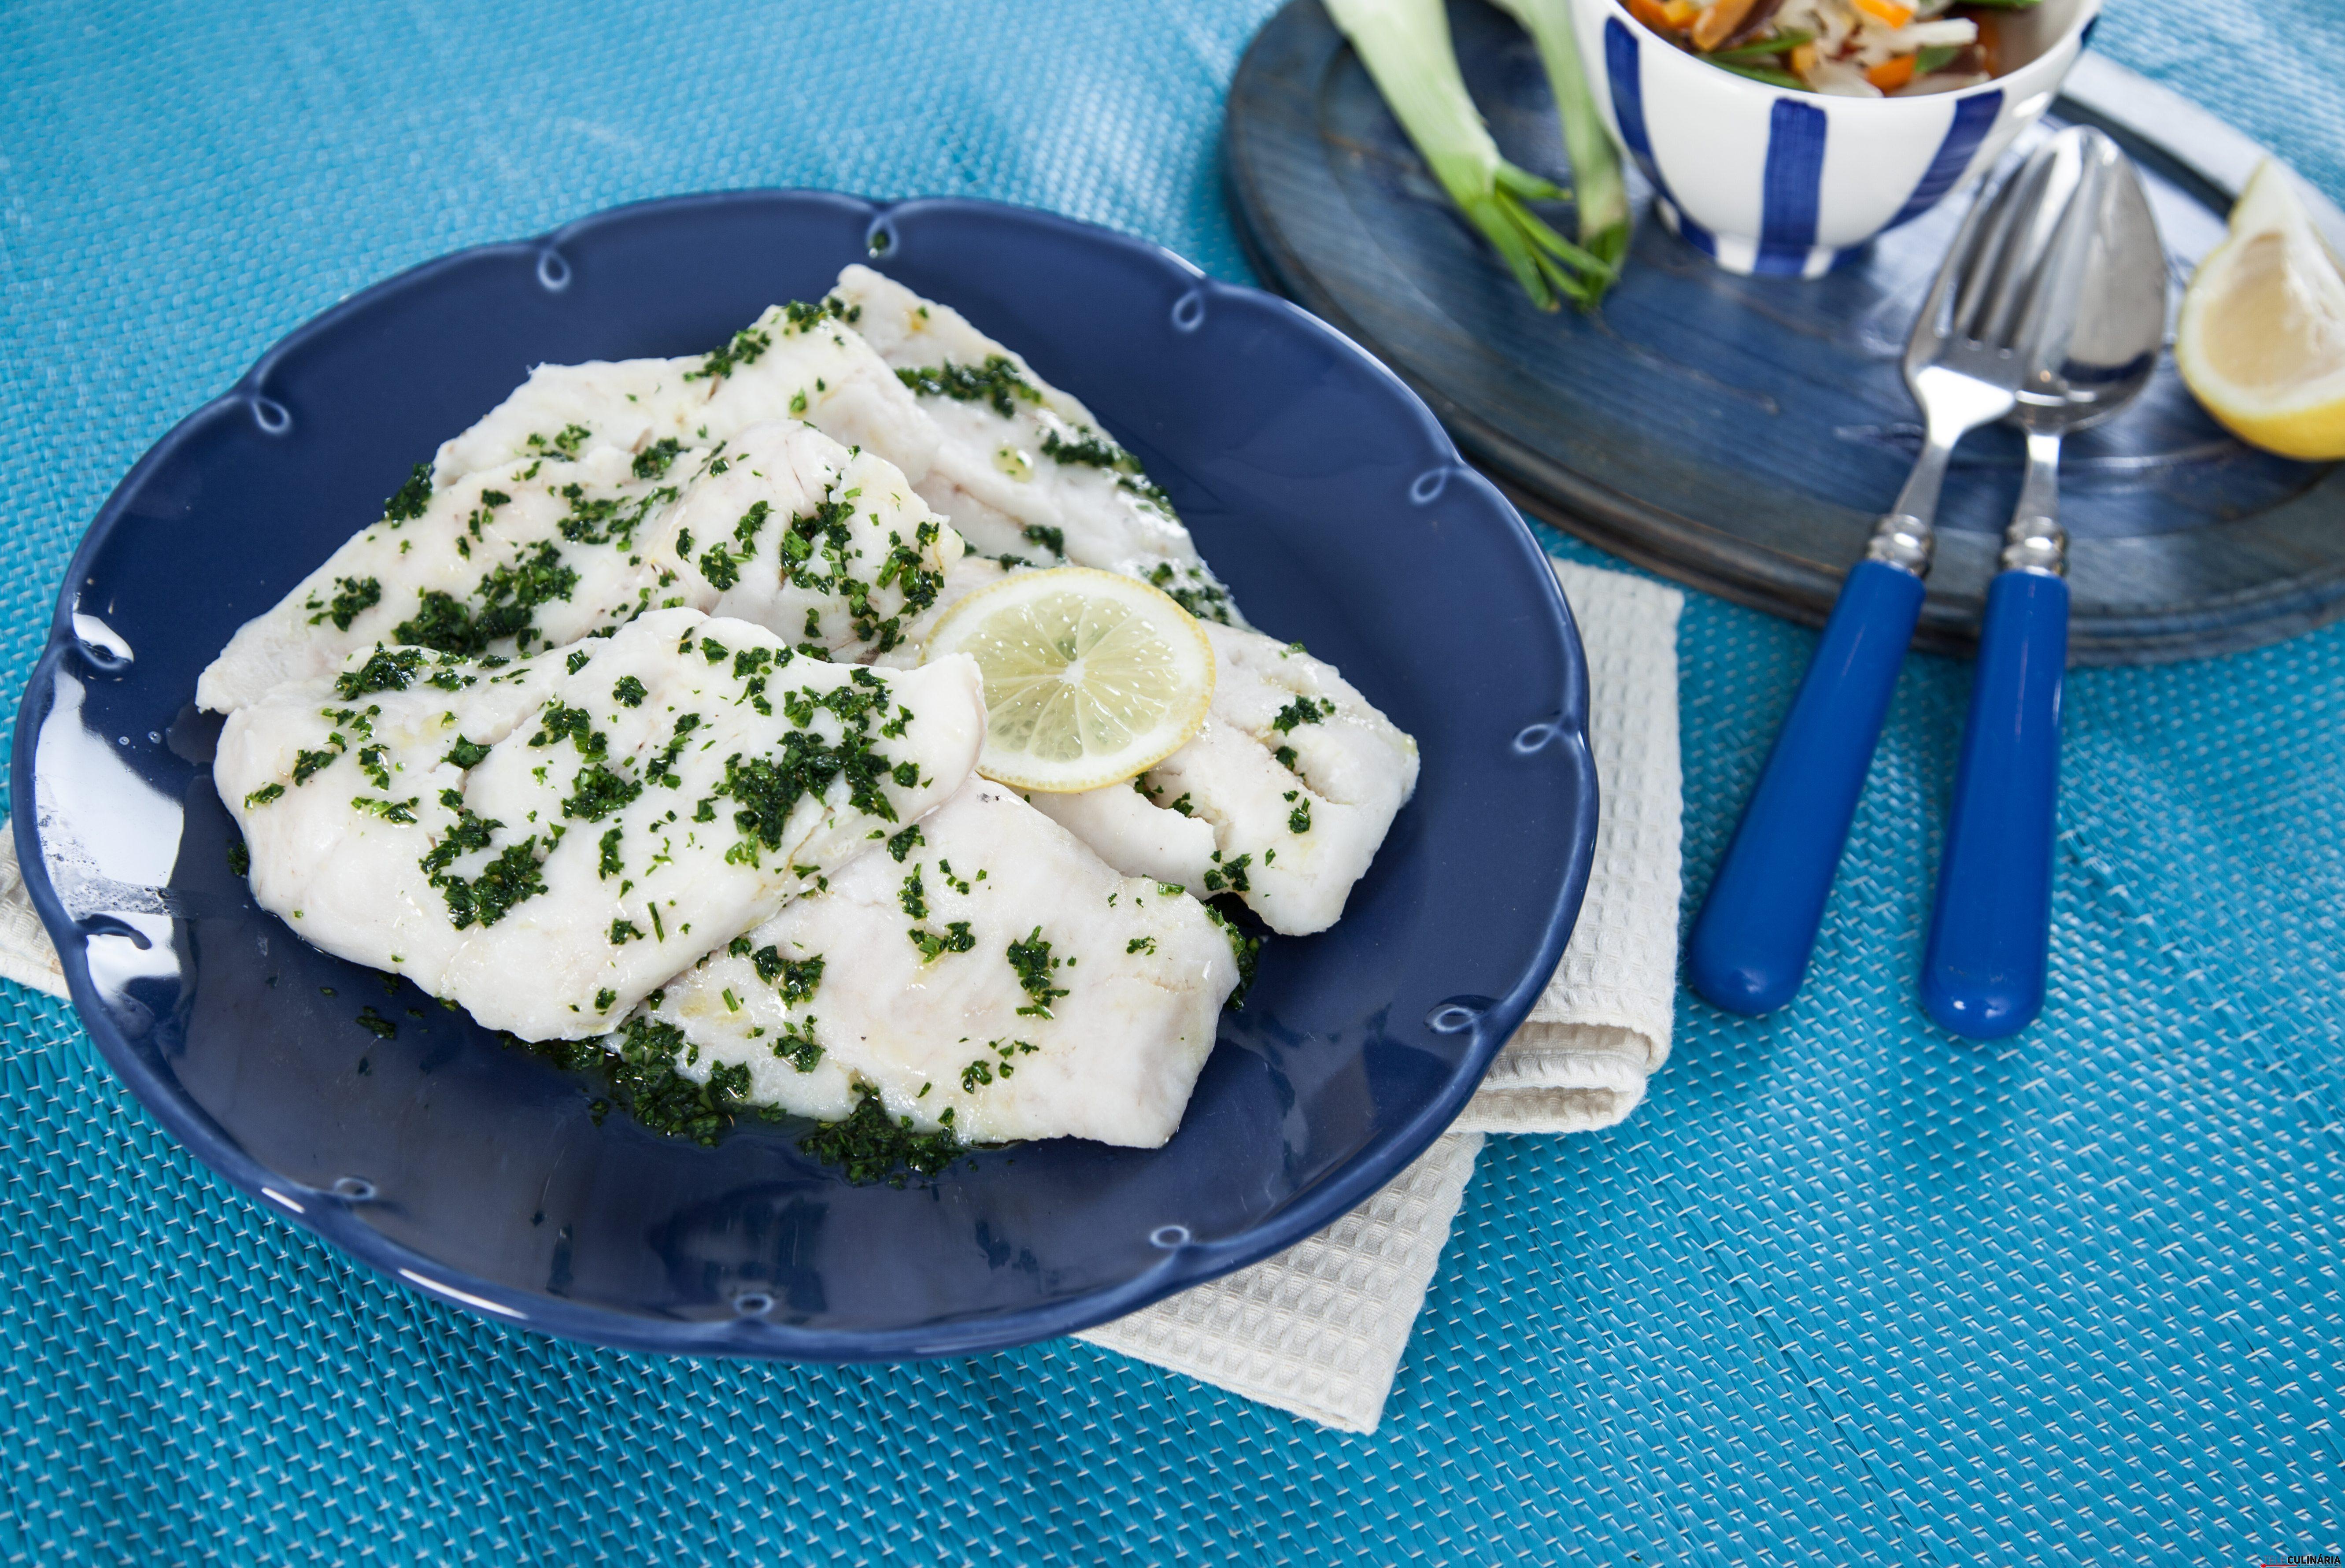 Filetes de peixe com legumes